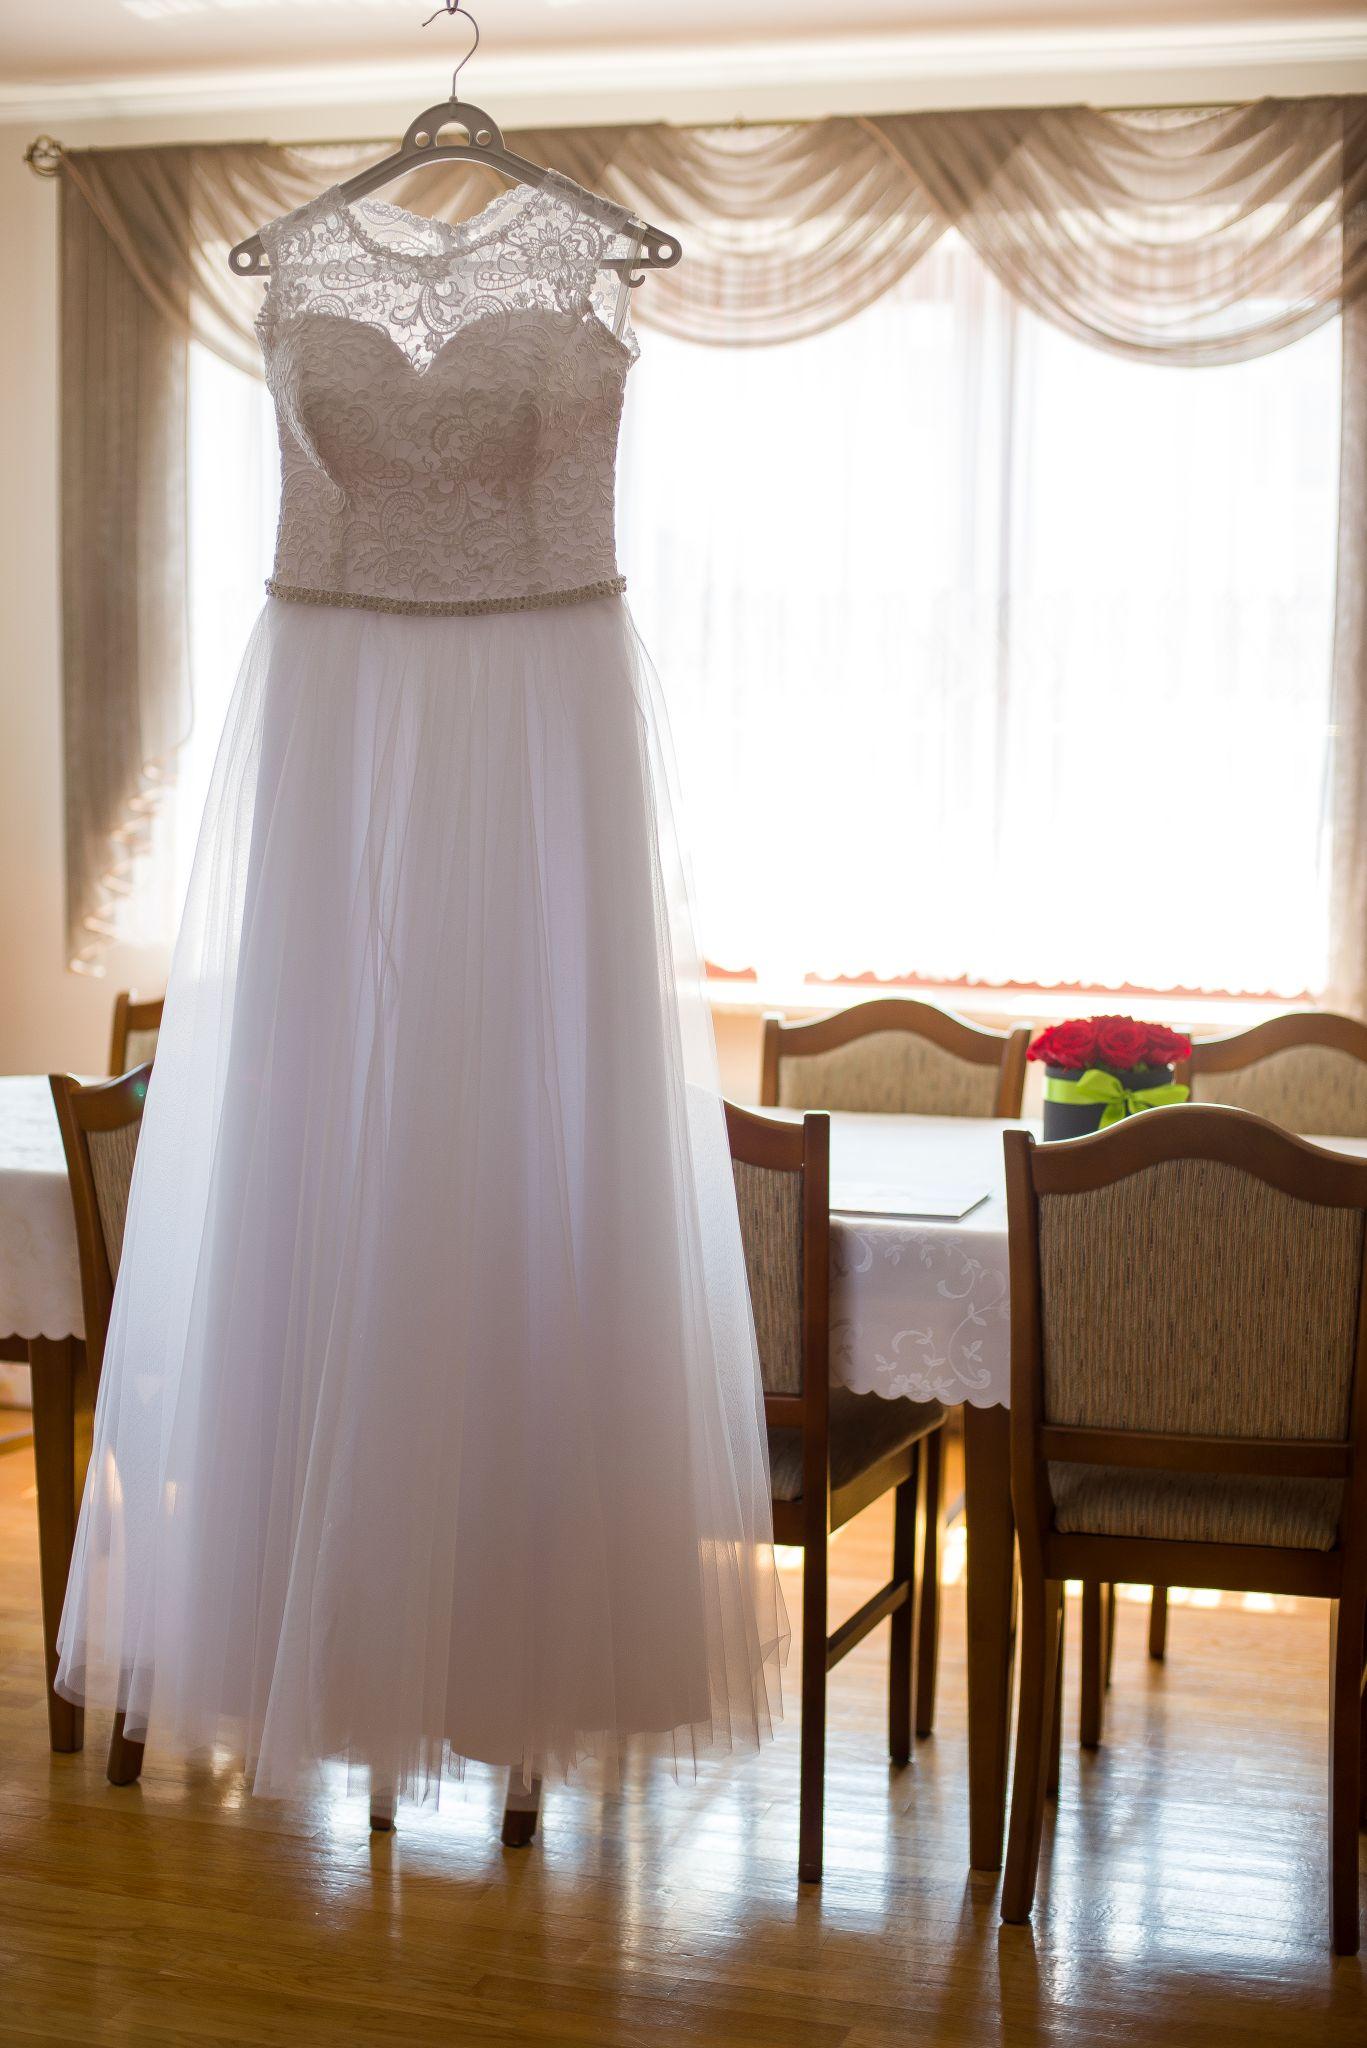 zdjęcia sukni ślubnej